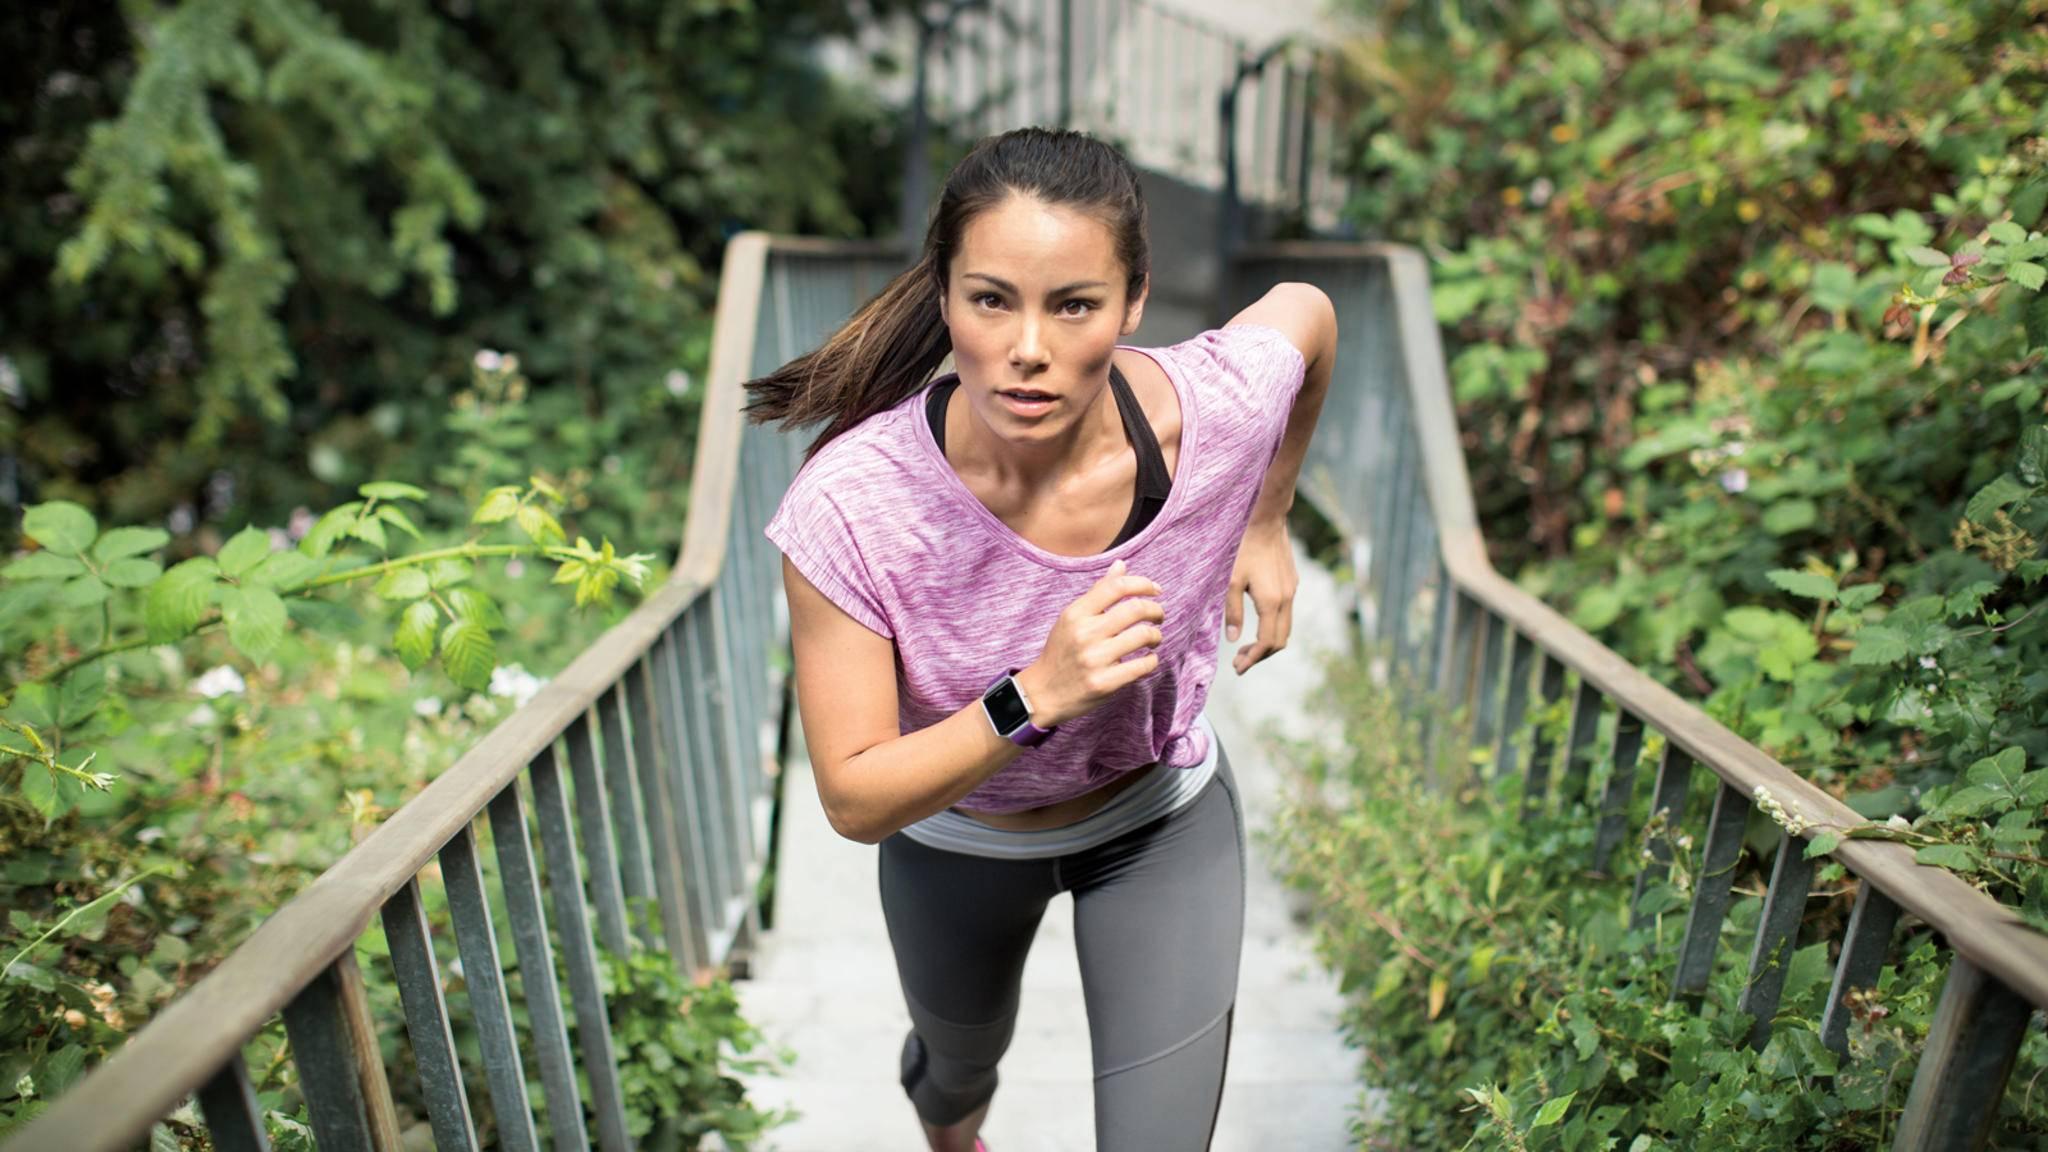 Egal welchen Fitness-Tracker Du wählst, diese Schritte solltest Du beachten.